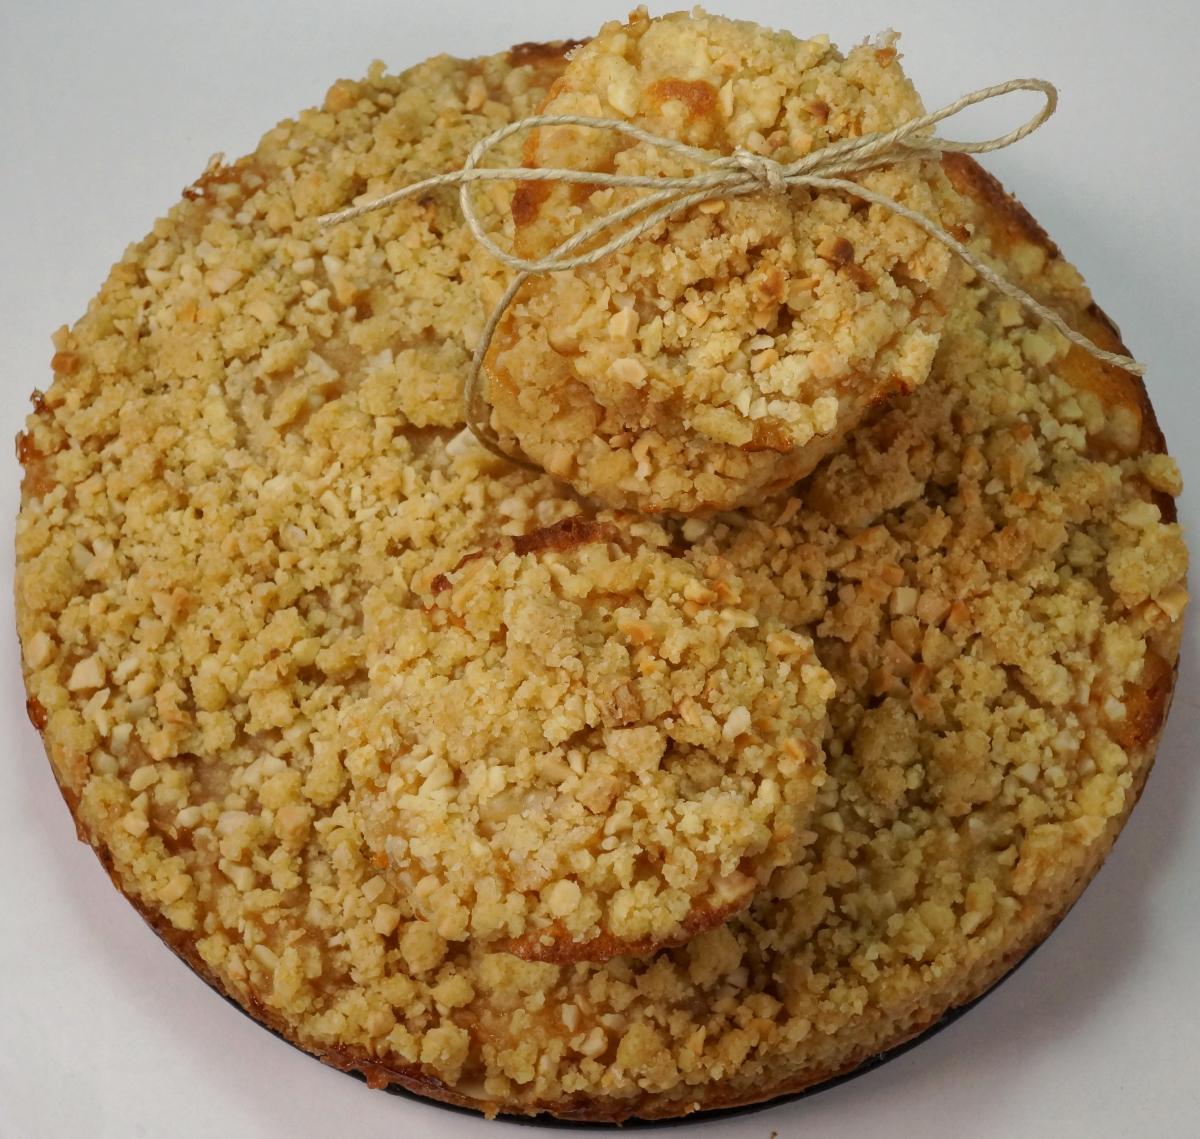 Apfelmus-Kuchen mit Mandelstreuseln – Apfelmus-Muffins